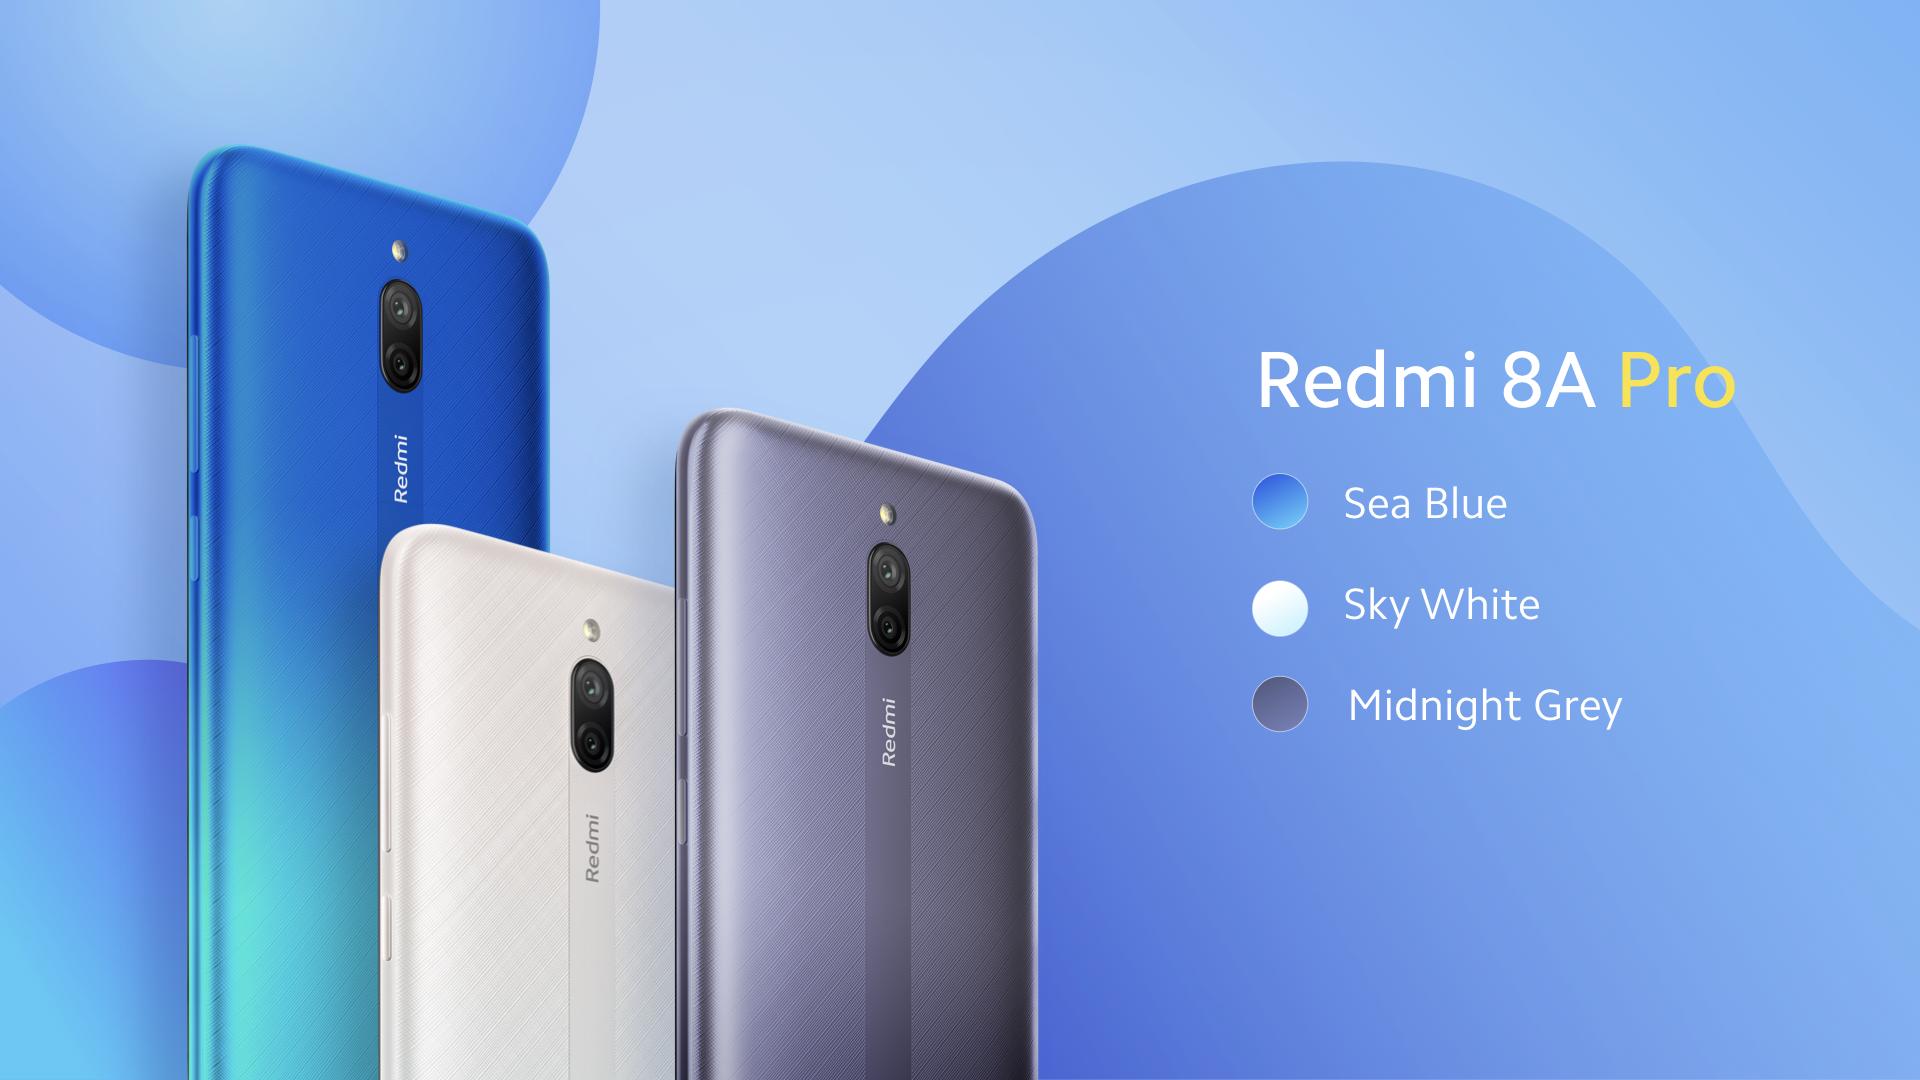 Nuevo Redmi 8A Pro: un Redmi 8A Dual renombrado que probablemente no saldrá de Indonesia